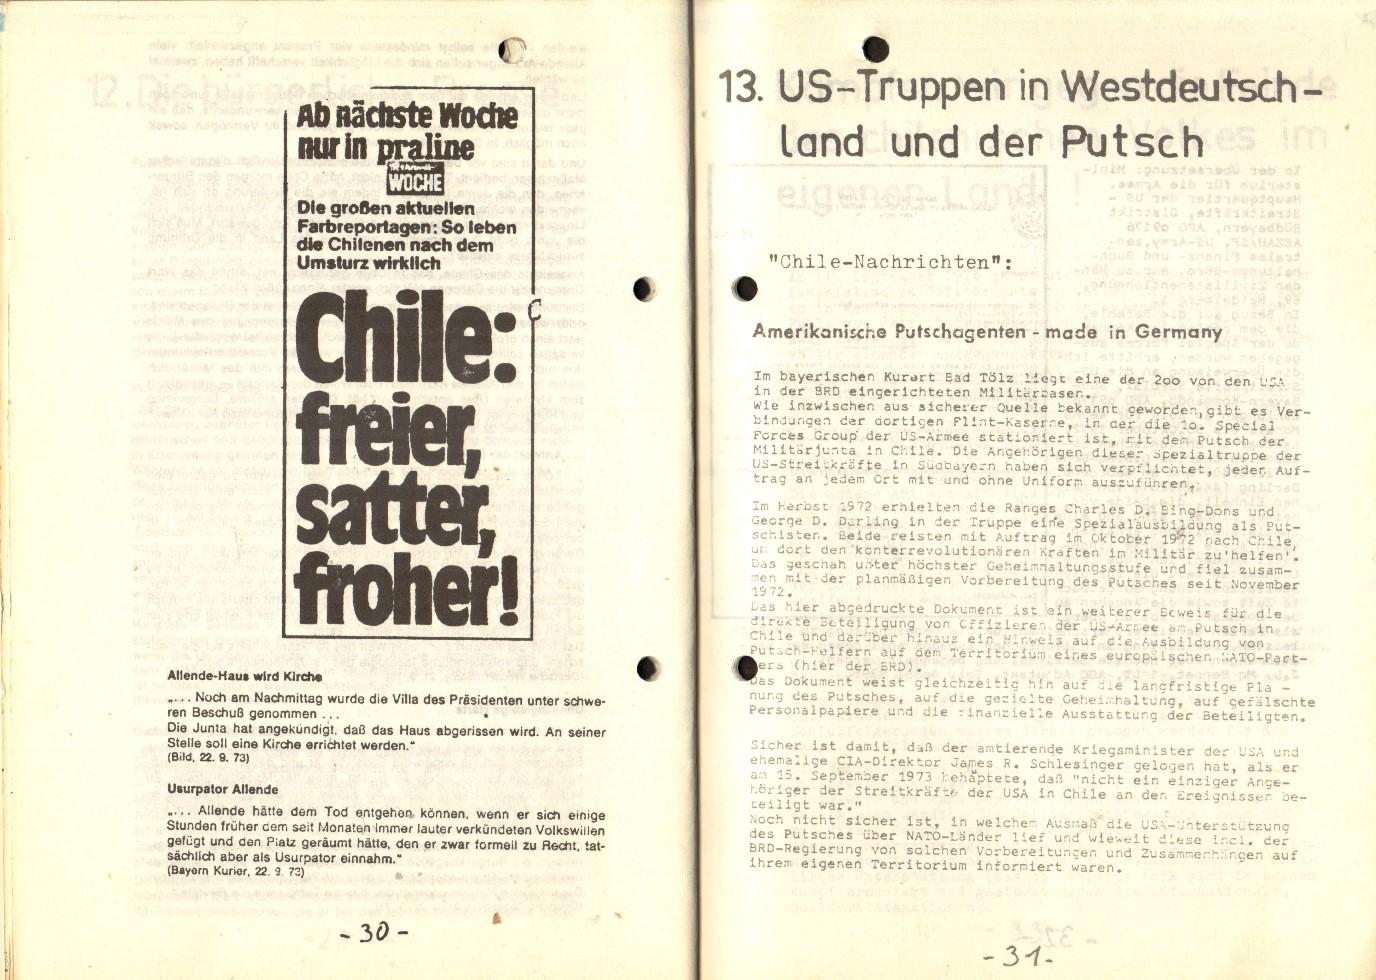 Duisburg_ML_1974_Die_Feinde_des_chilenischen_Volkes_16